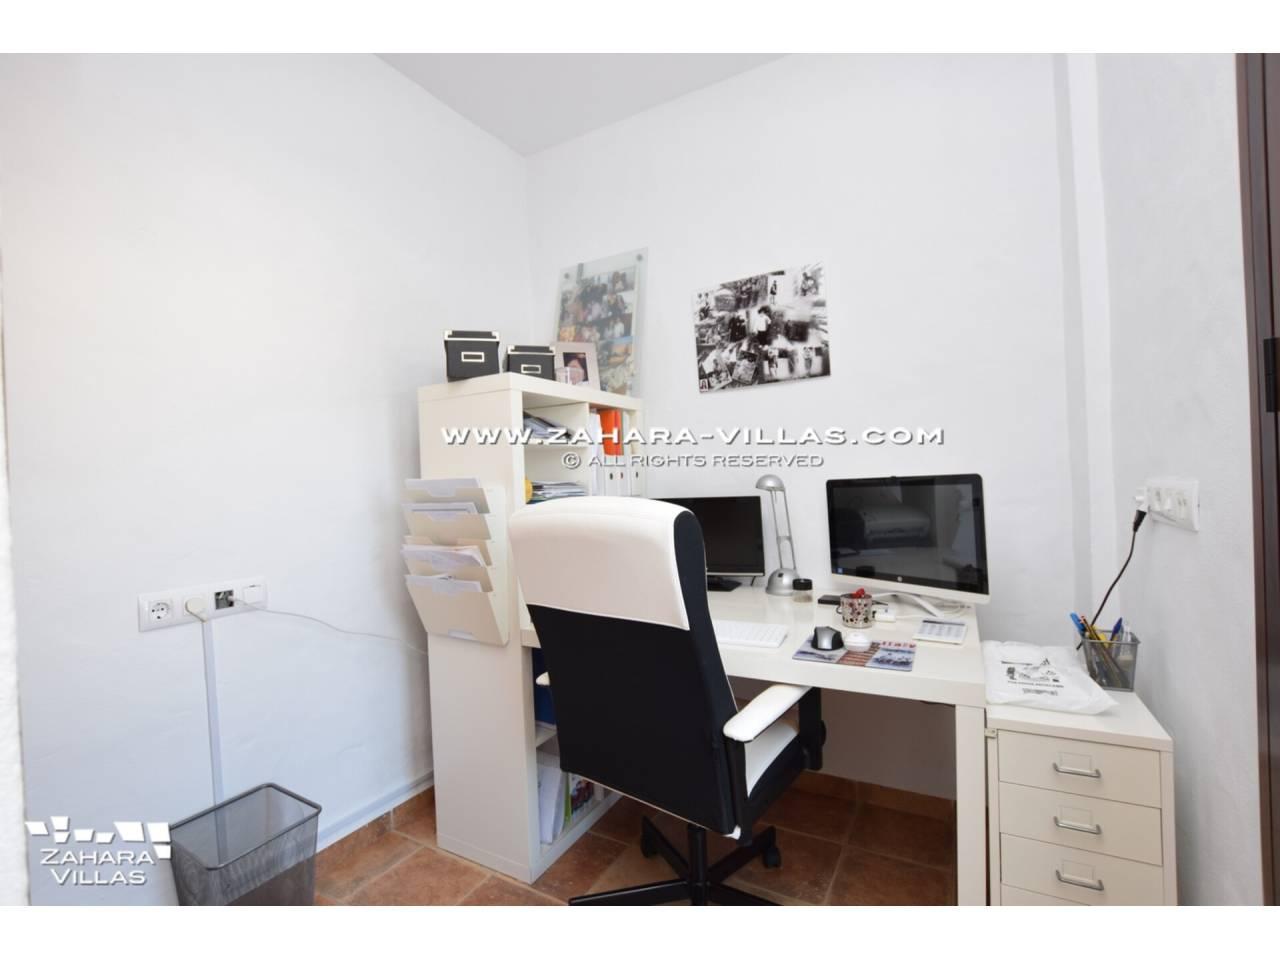 Imagen 10 de Haus zum verkauf in Zahara de los Atunes